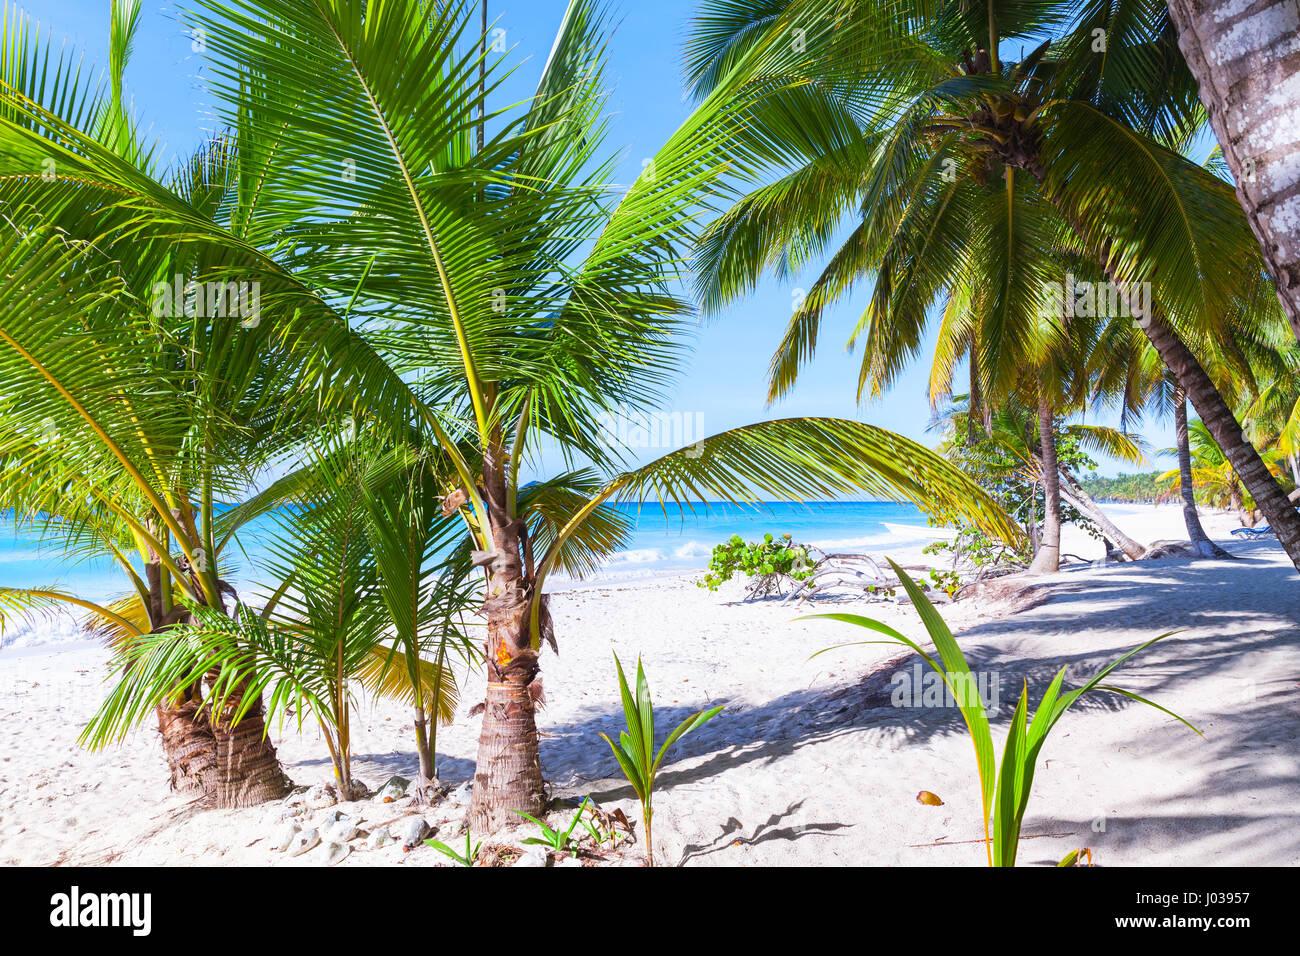 Crescere palme sulla spiaggia. Mar dei Caraibi bianco costa sabbiosa, Repubblica dominicana, Saona Island Immagini Stock